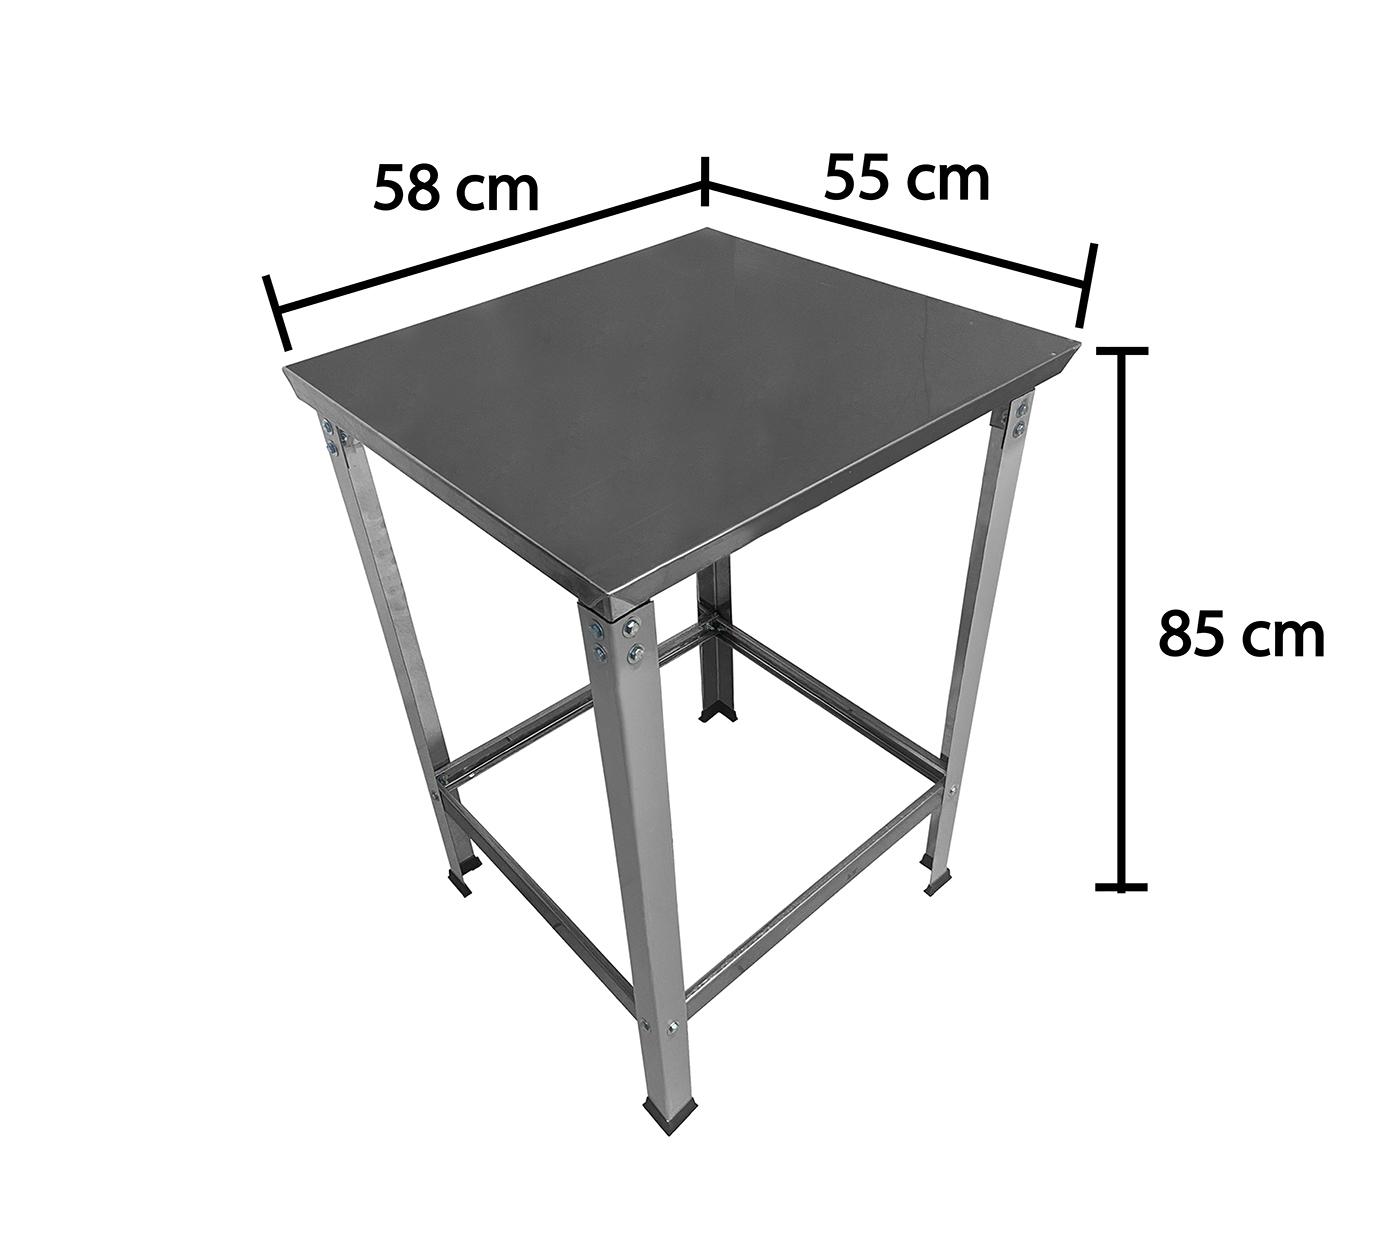 Mesa Total Inox 0,58 x 0,55 STD  - EKENOX- Equipamentos Industriais